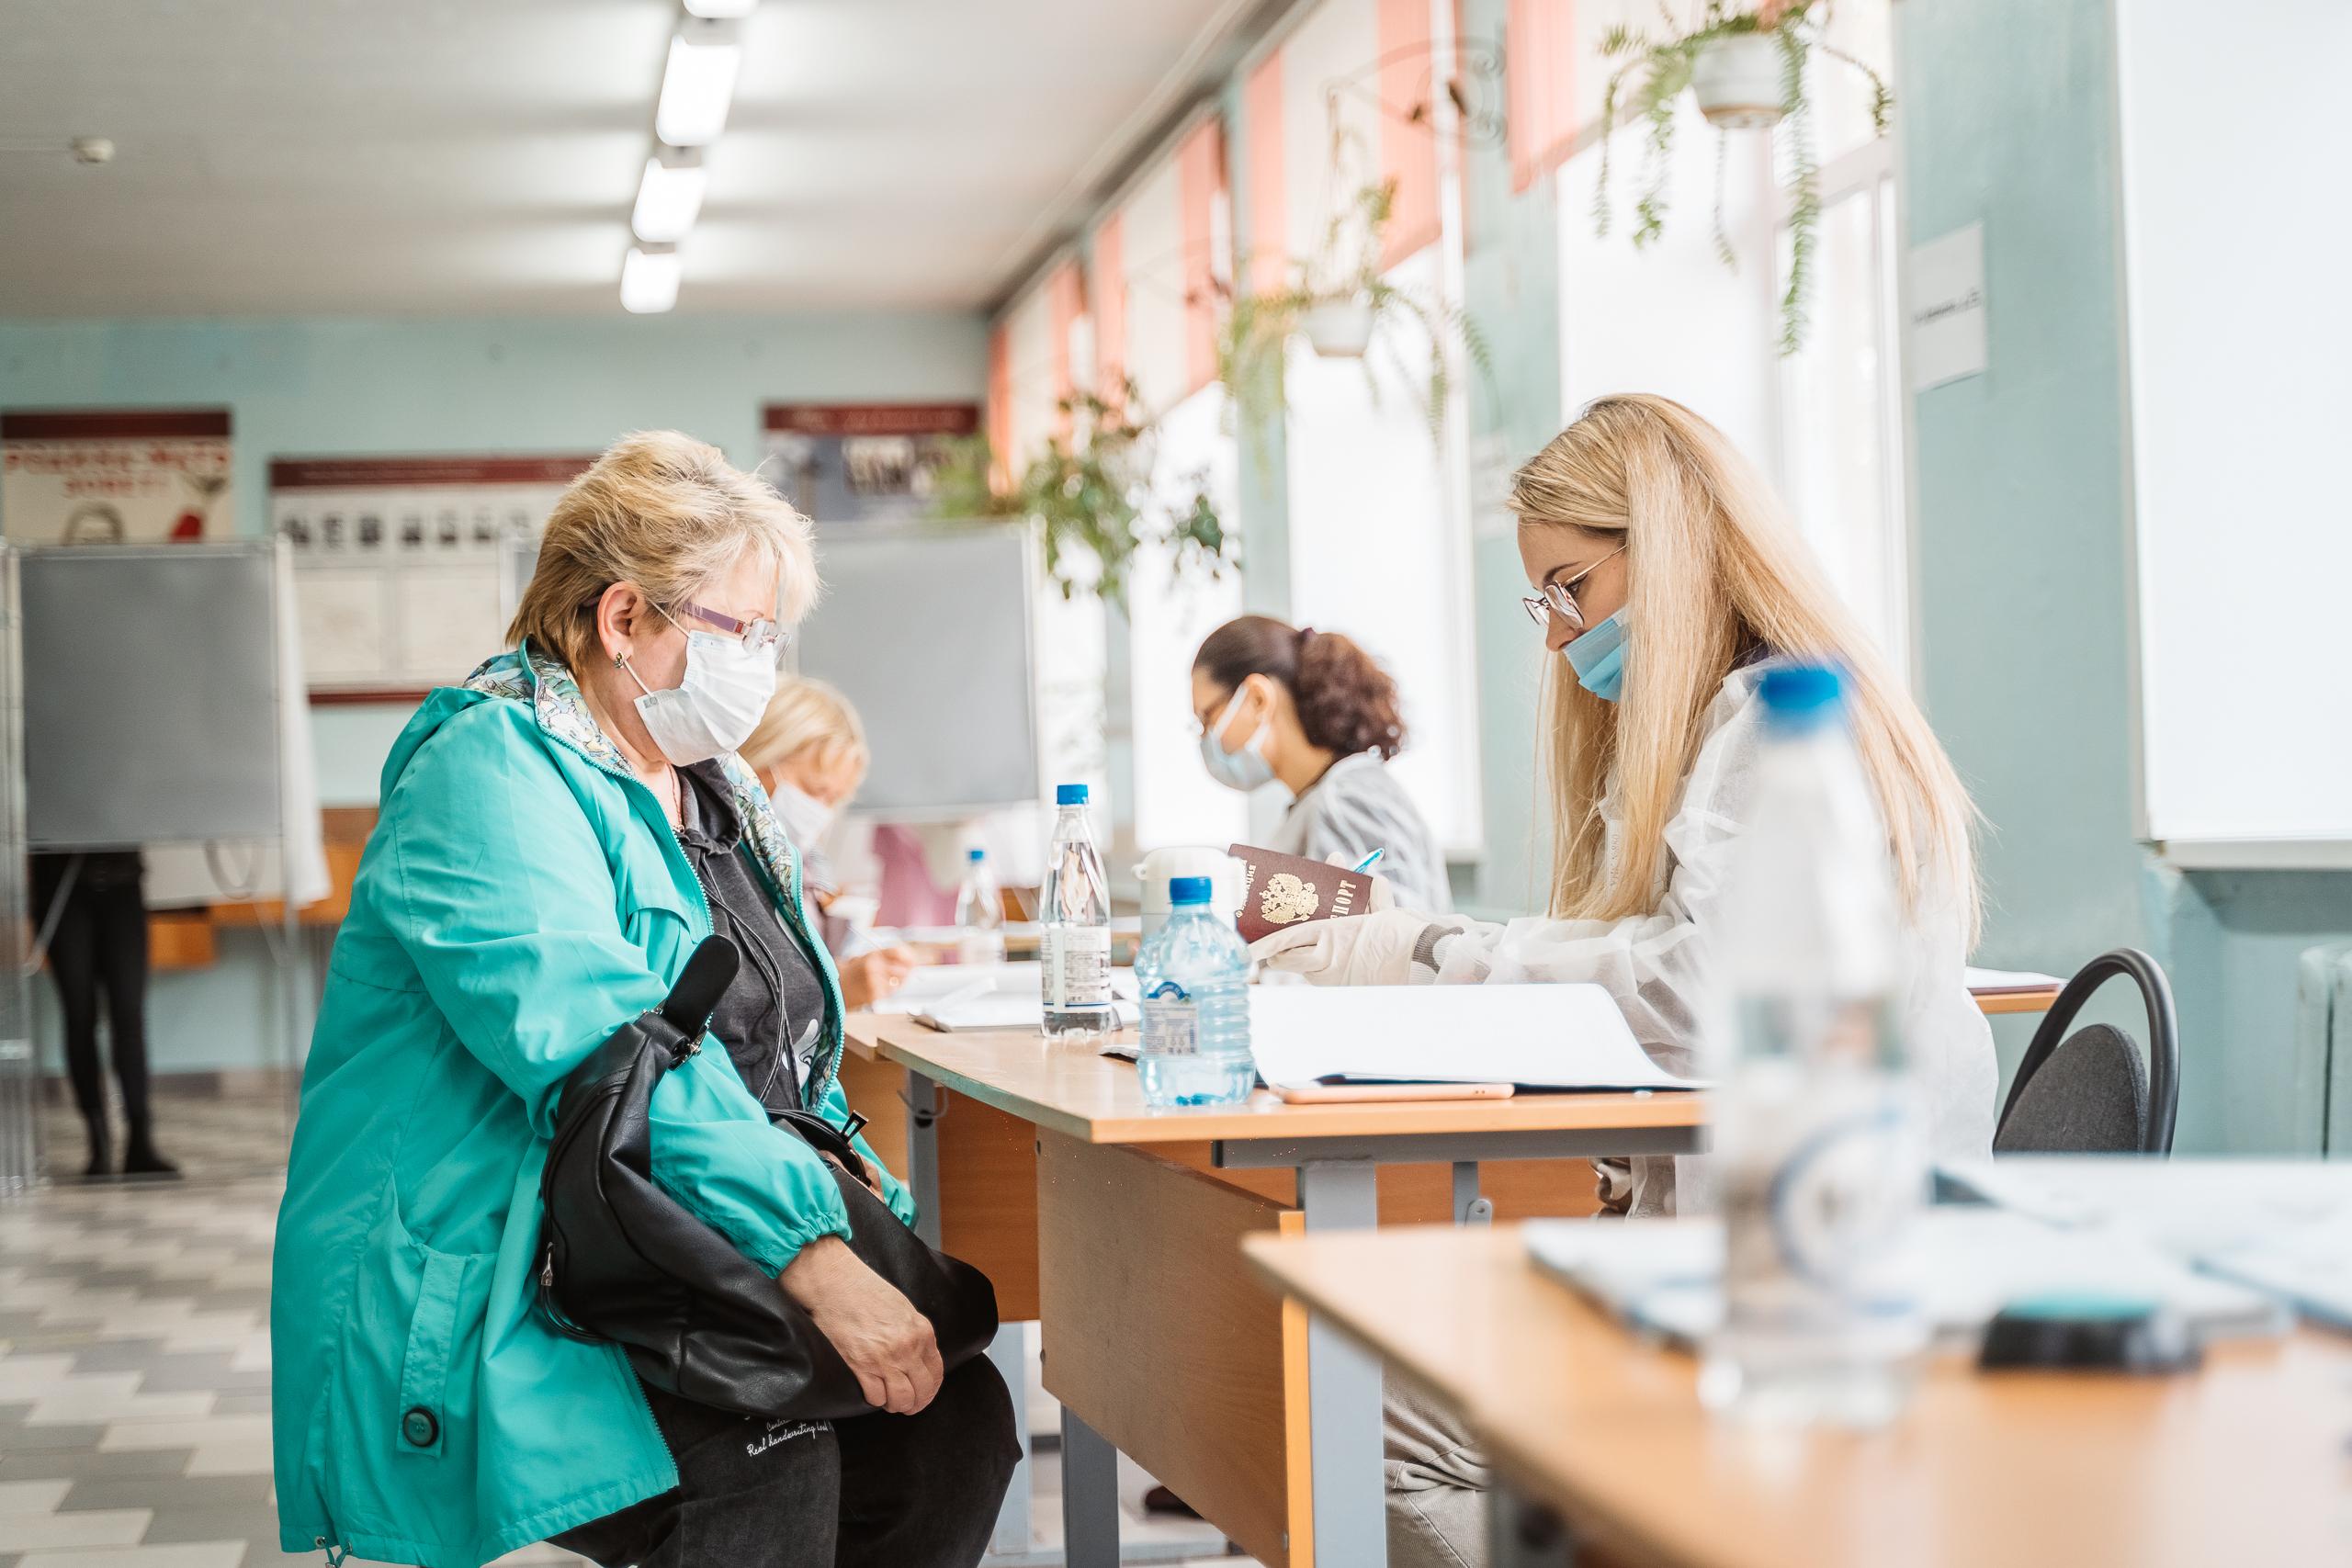 В первый день на выборах в Тверской области проголосовали больше 13% избирателей